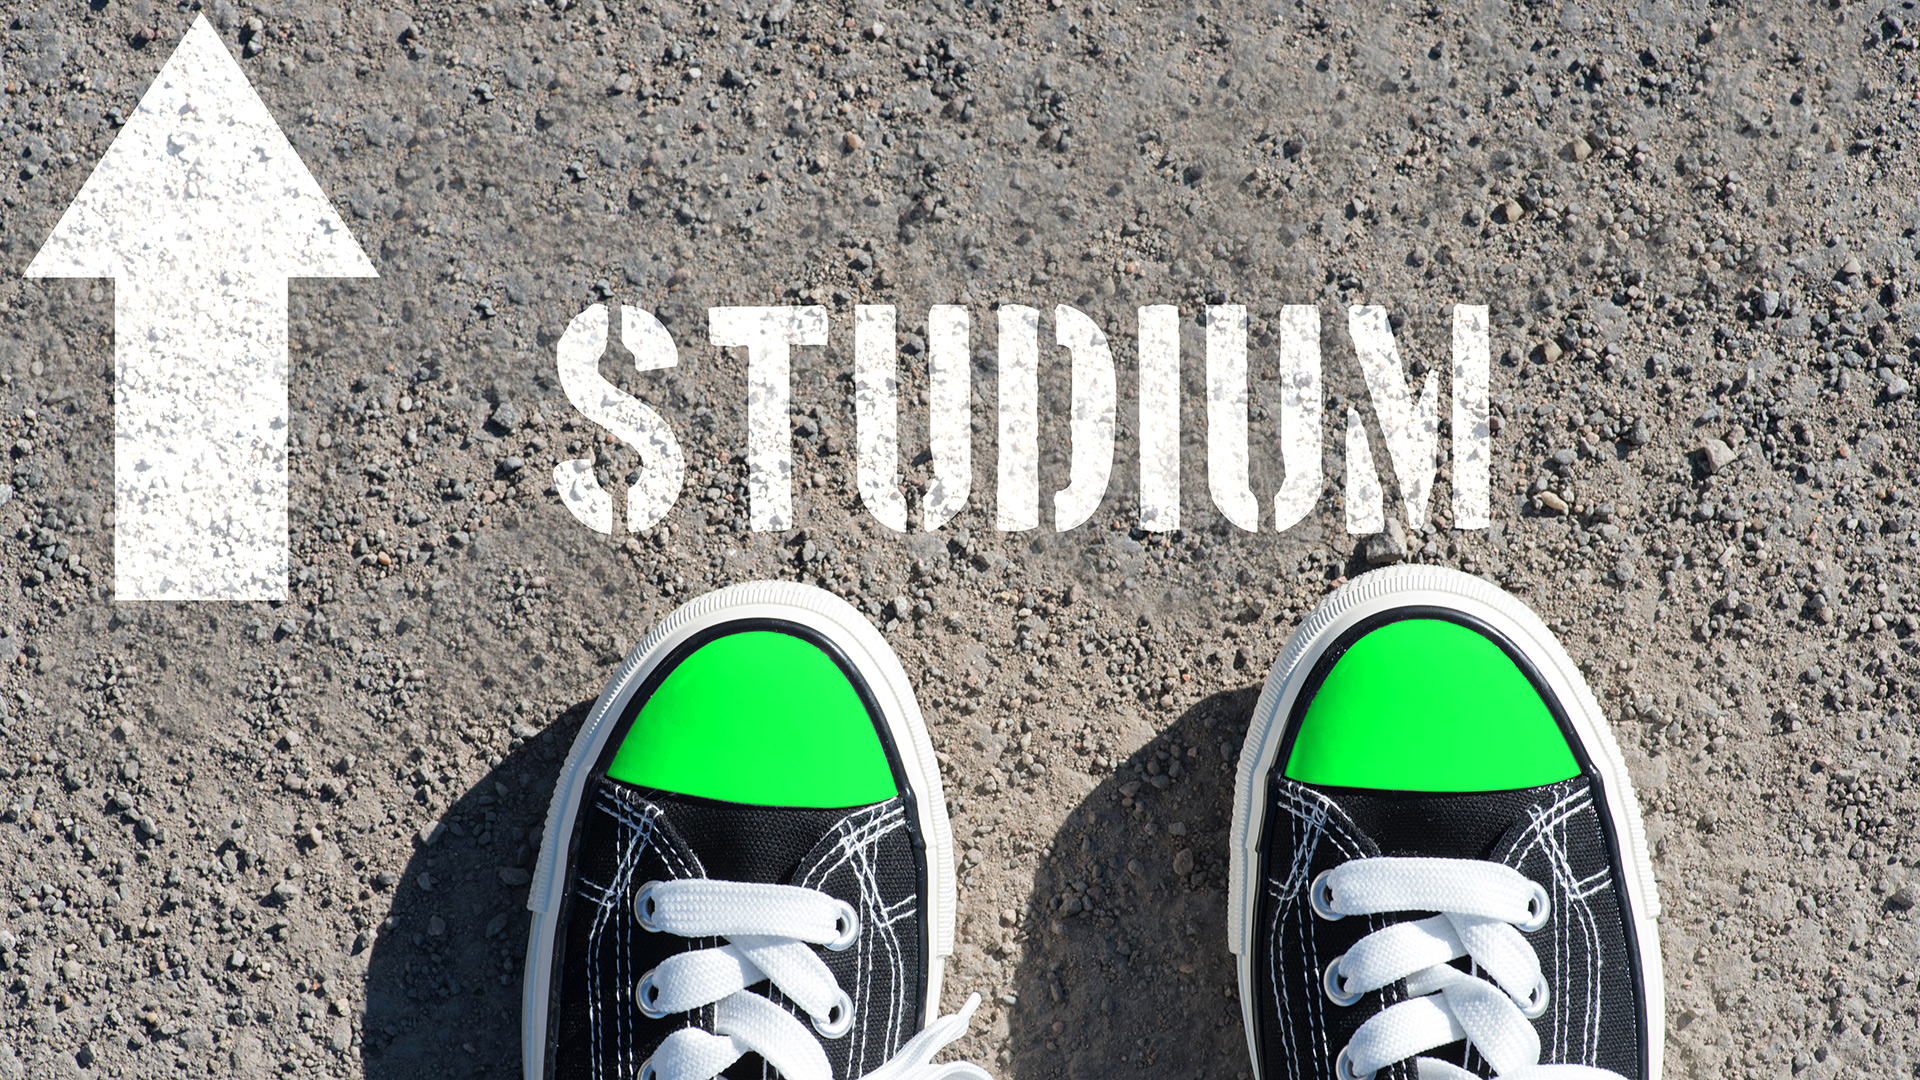 Infoabend Studium am 30. Juni